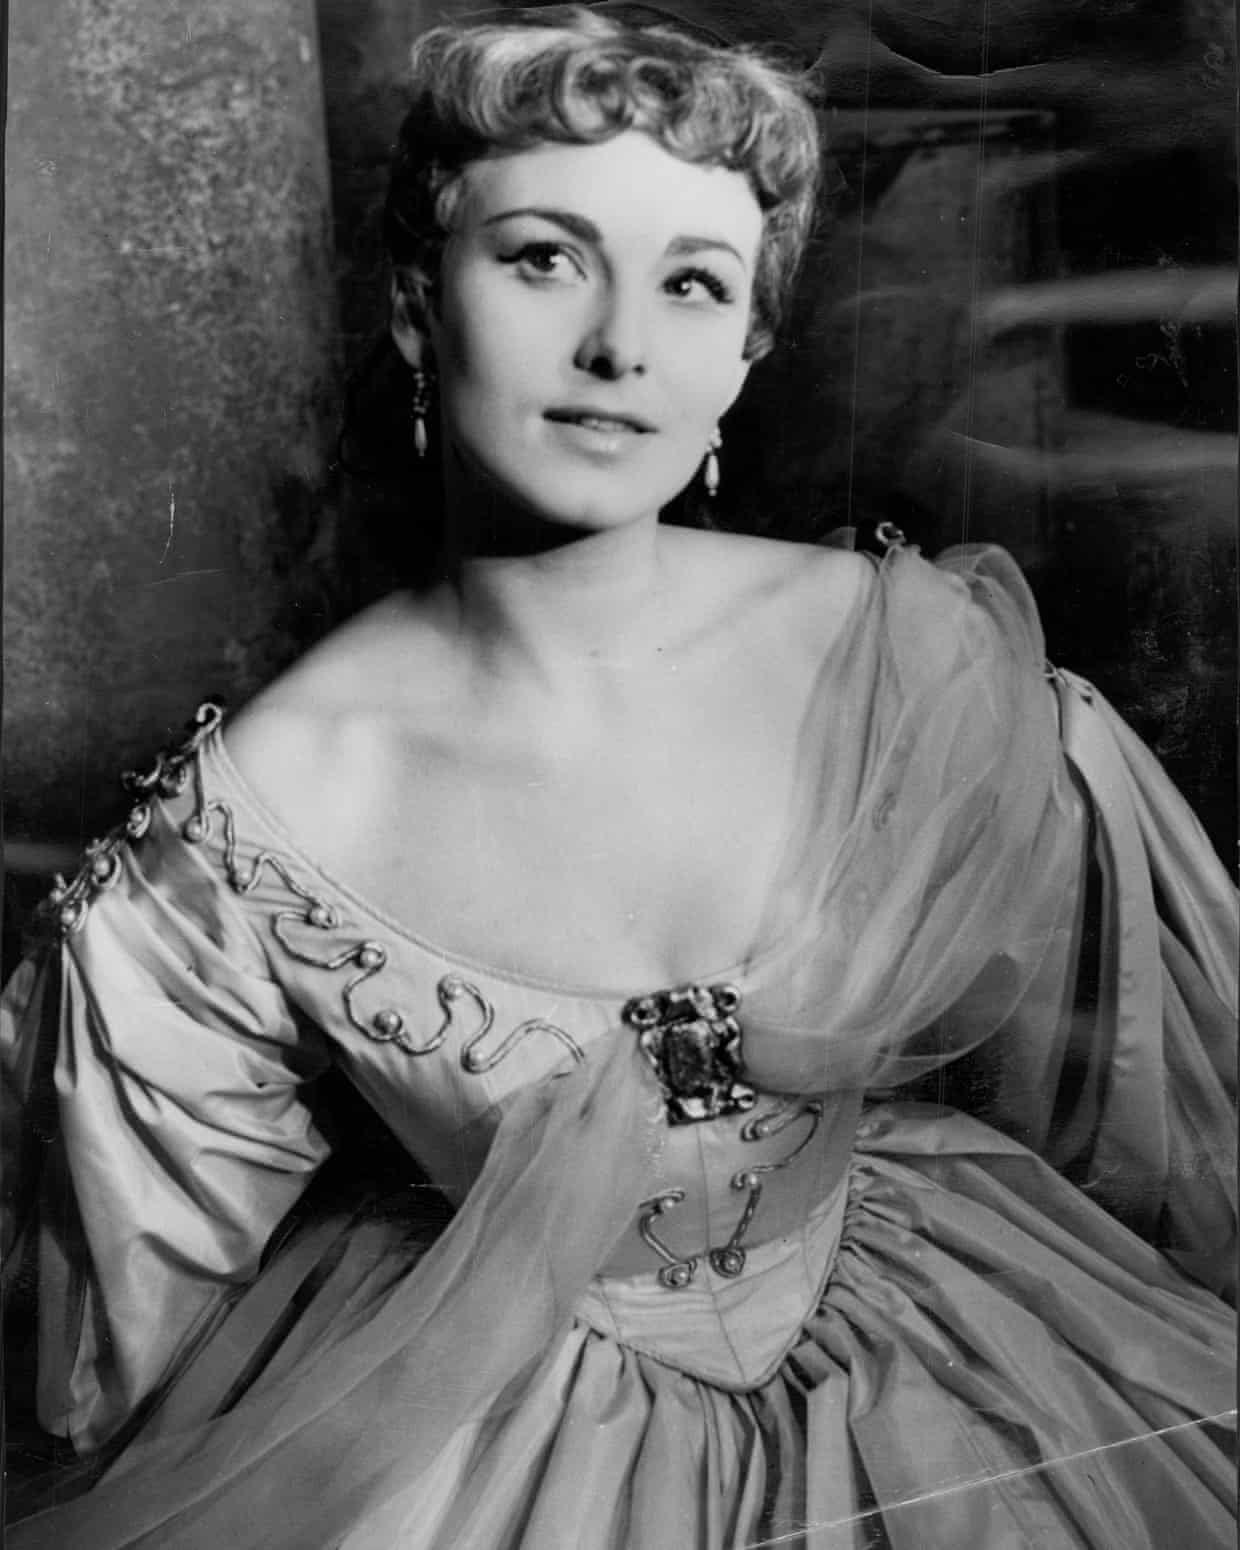 Actor Barbara Jefford dies aged 90 in 2020 | Actors ...